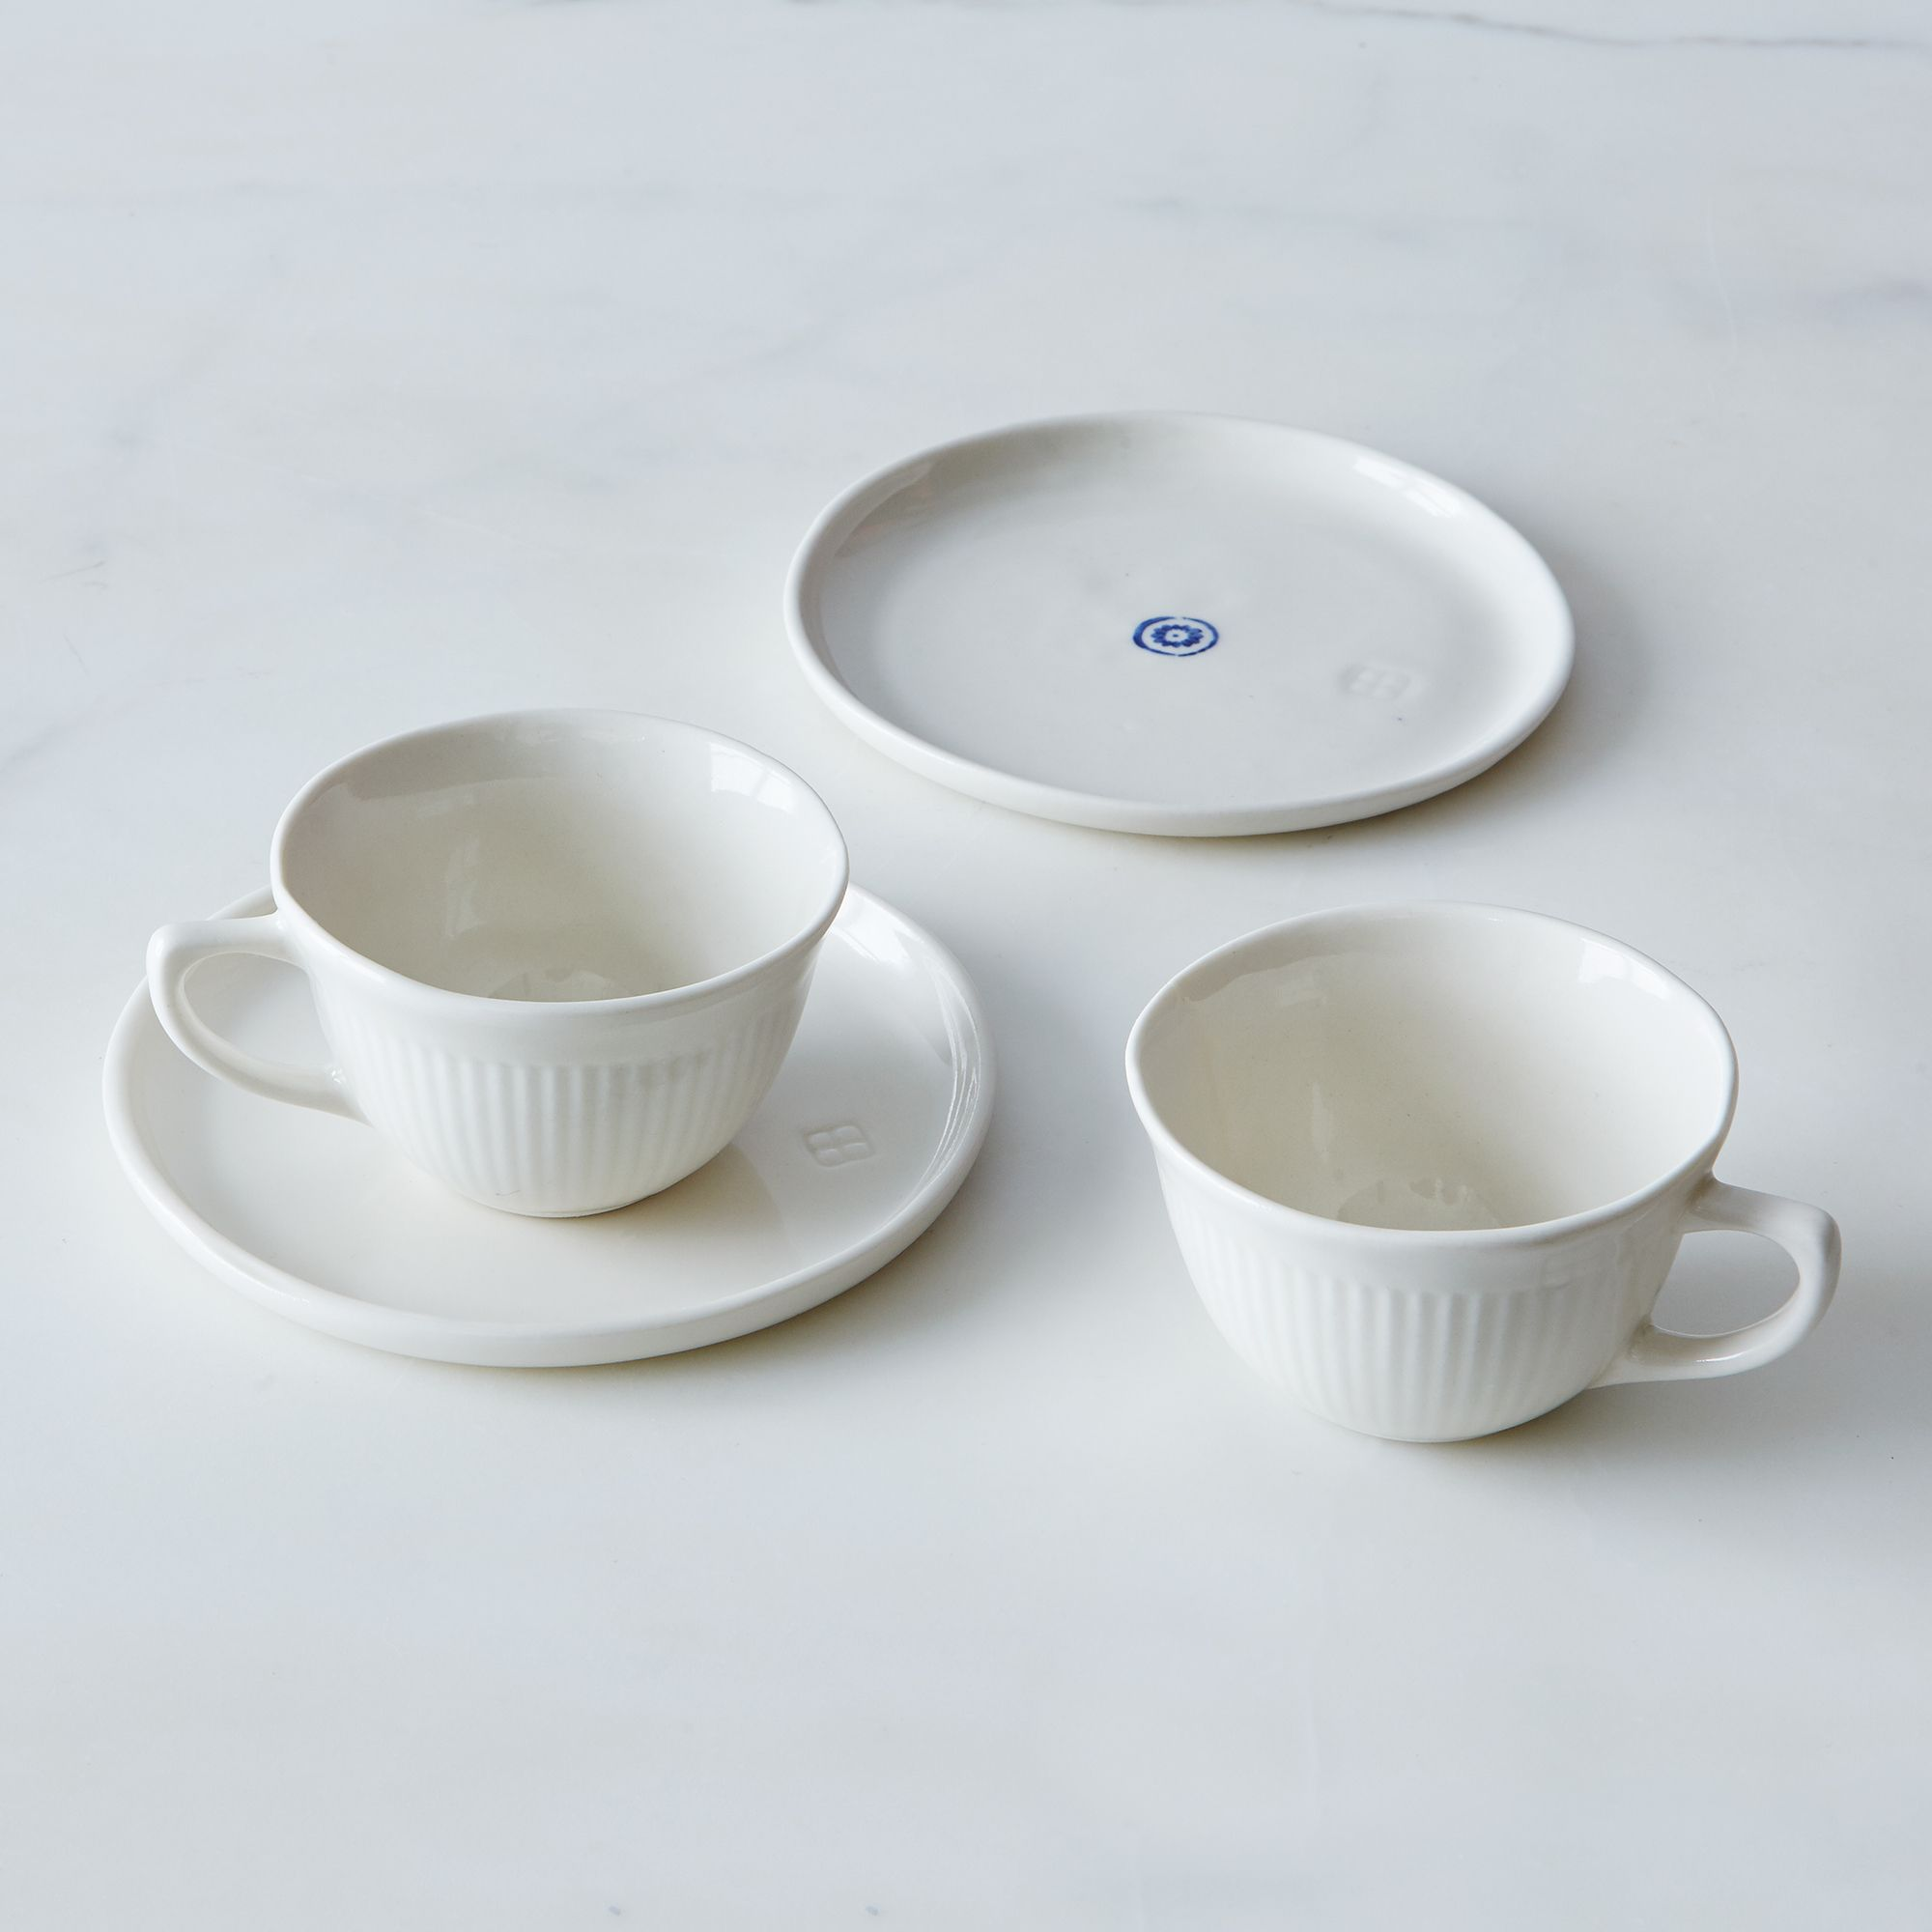 05eec6b0 a0f8 11e5 a190 0ef7535729df  2015 0325 art et manufacture tea for two set of 2 circle family mark weinberg 0058